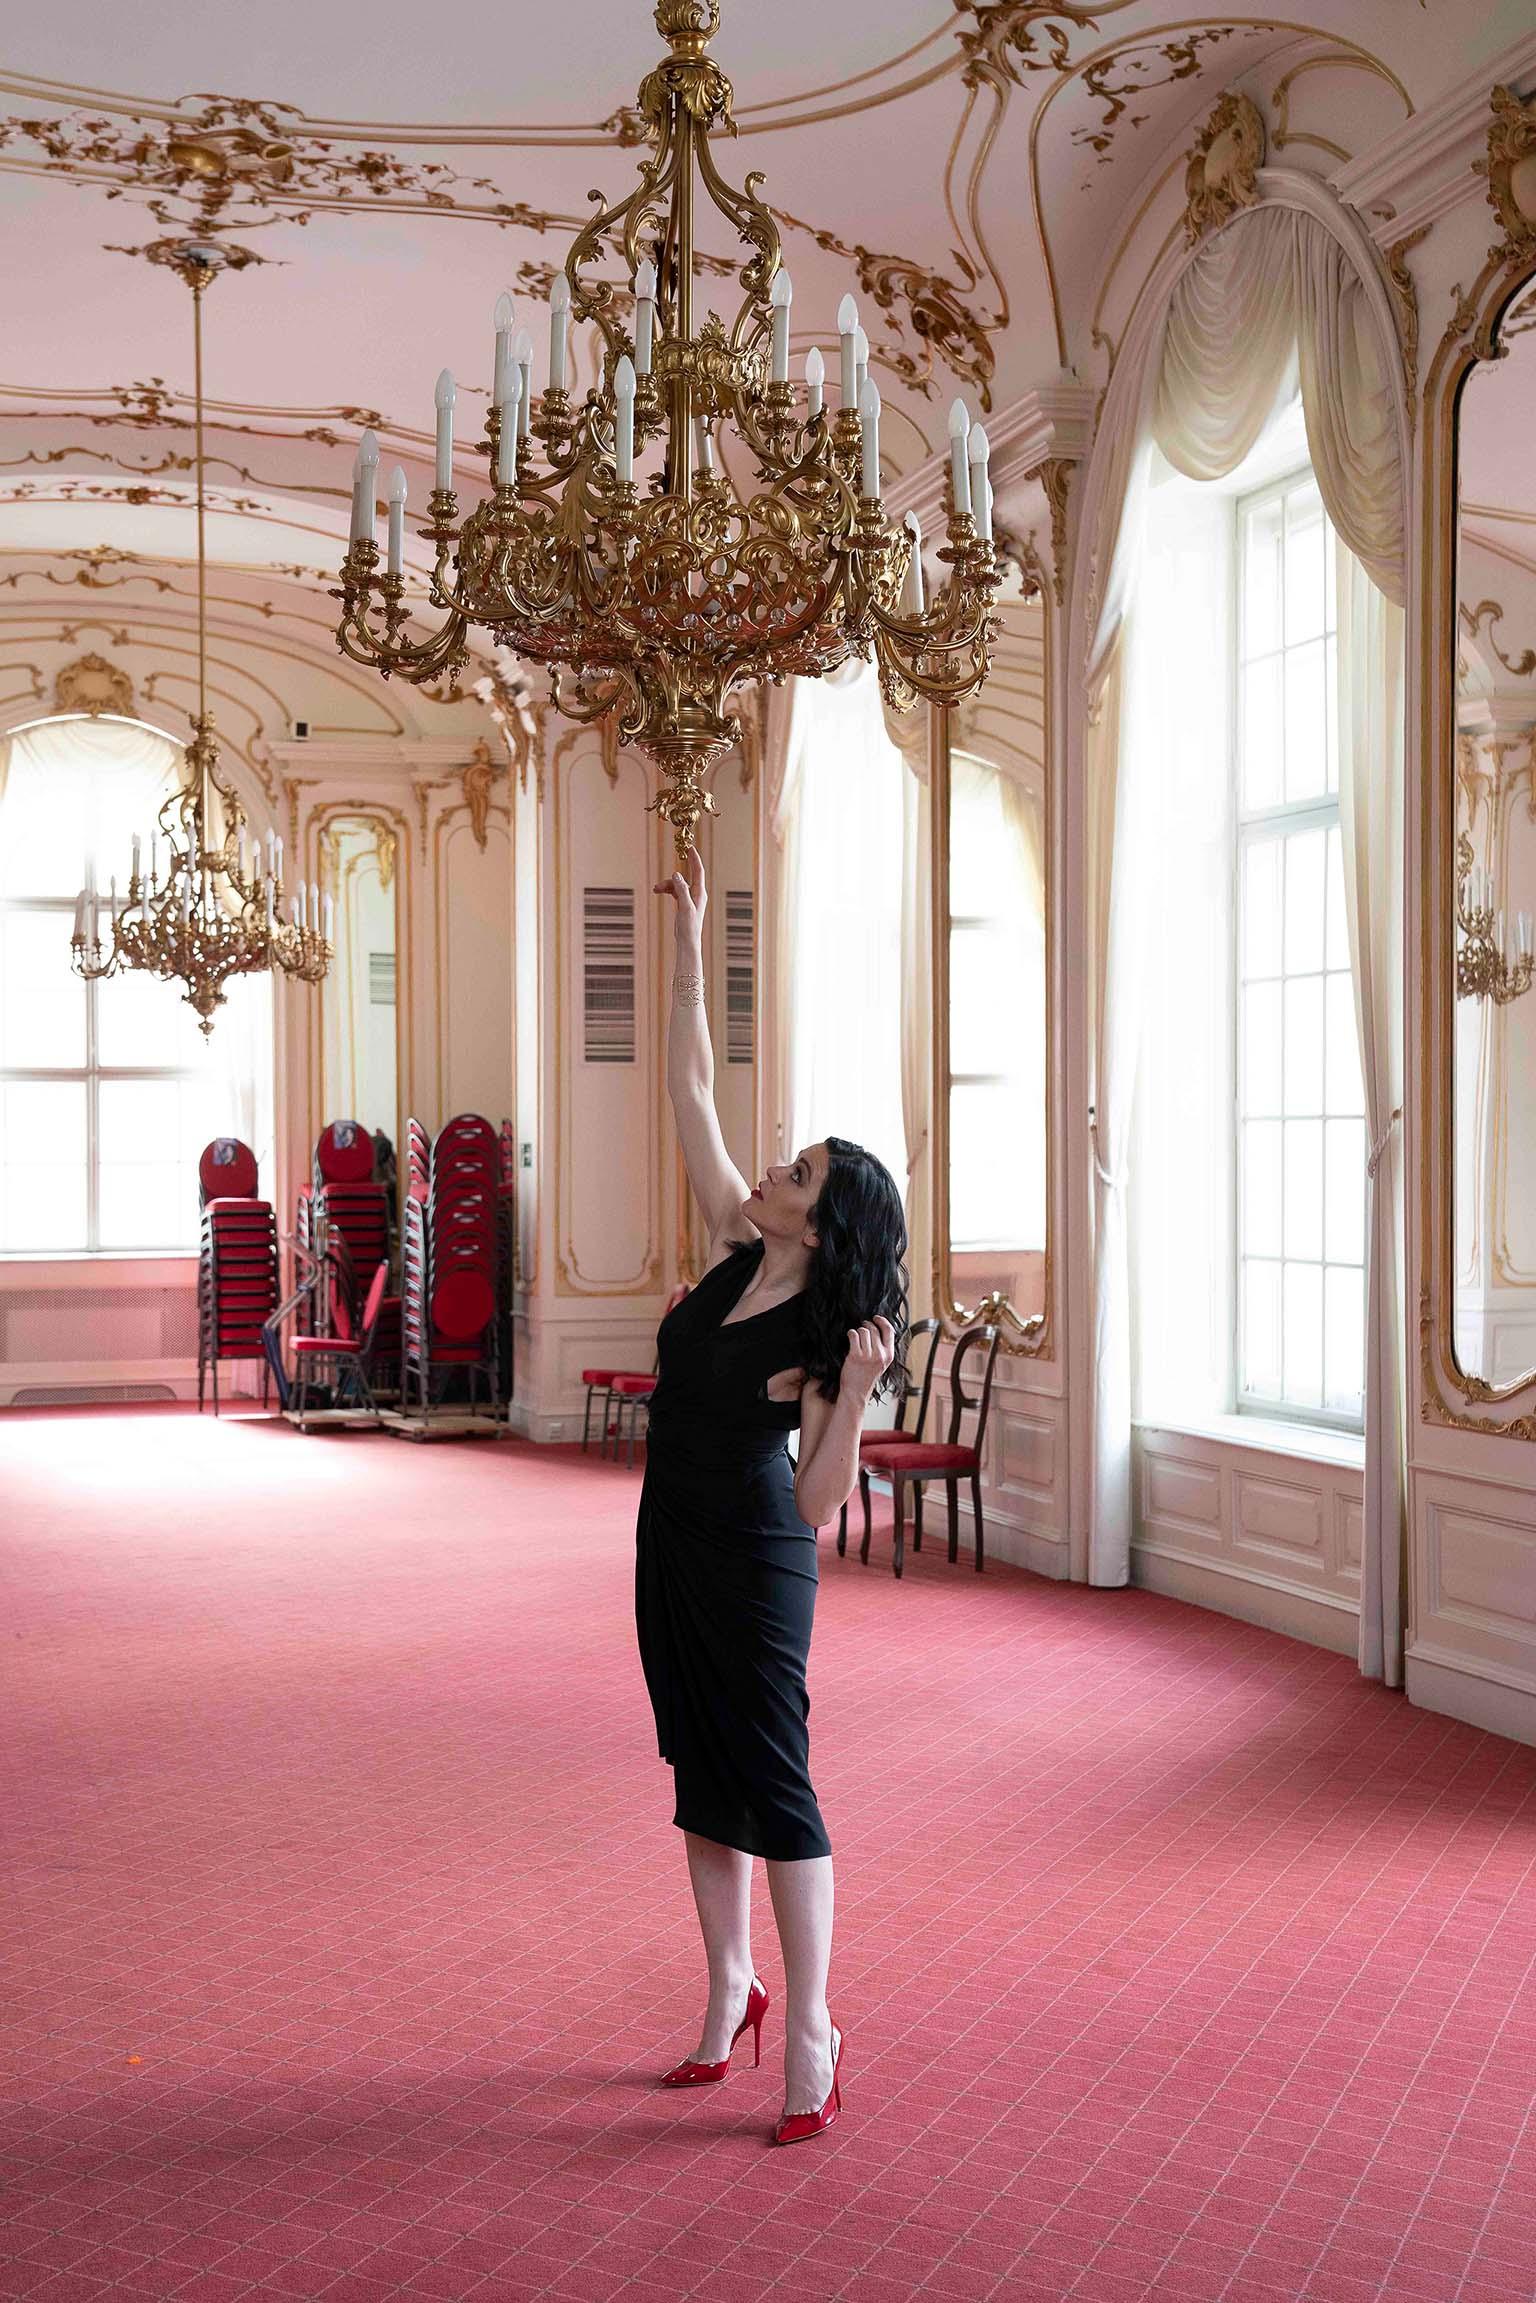 Sieglinde Feldhofer bei Fotoshooting unter einem prunkvollem Kronleuchter in der Grazer Oper © Sara Sera